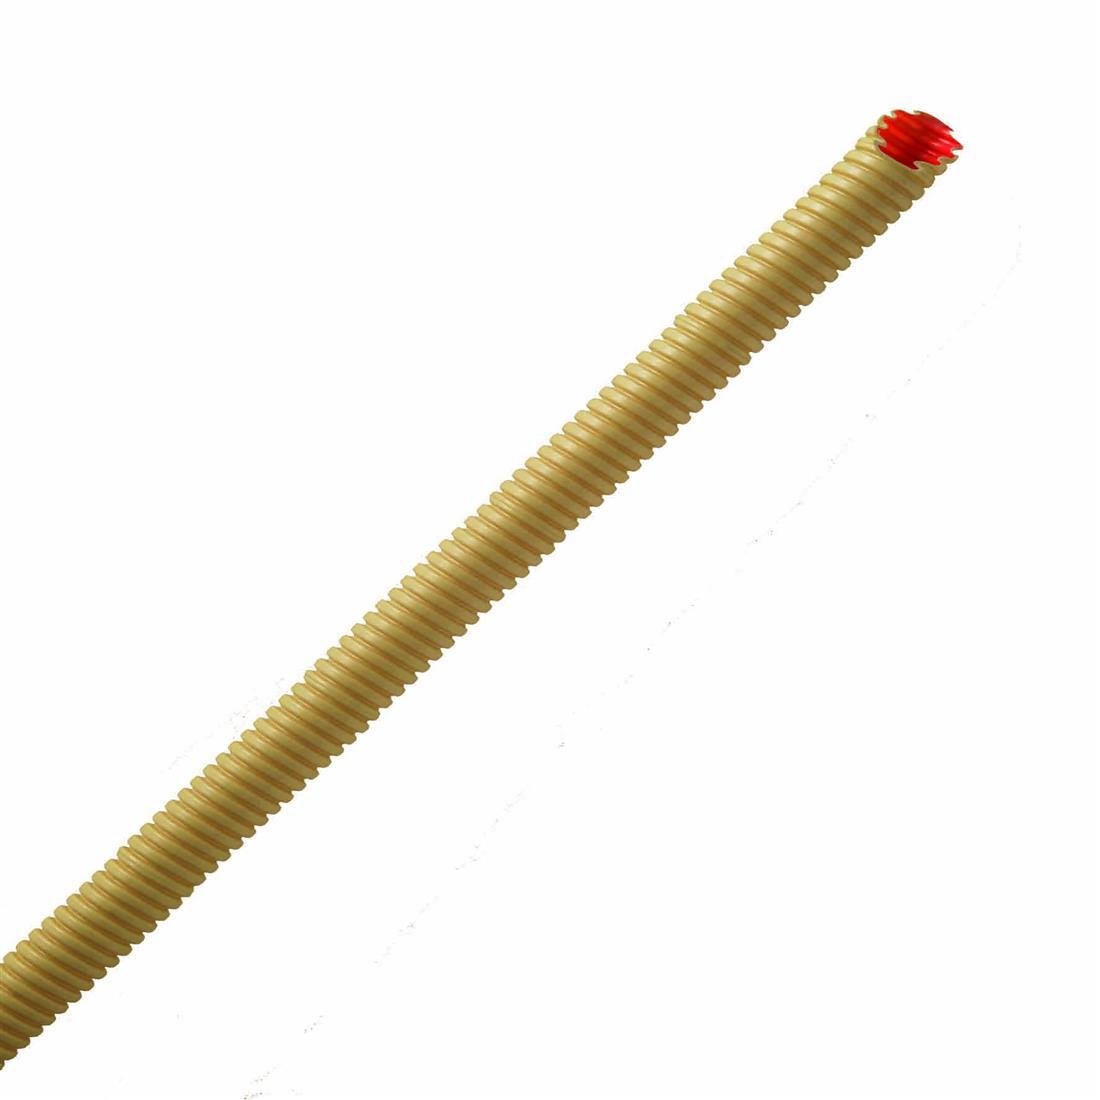 PIPELIFE Flexibele buis met extra gladde binnenlaag 16 mm creme - per rol 100 meter